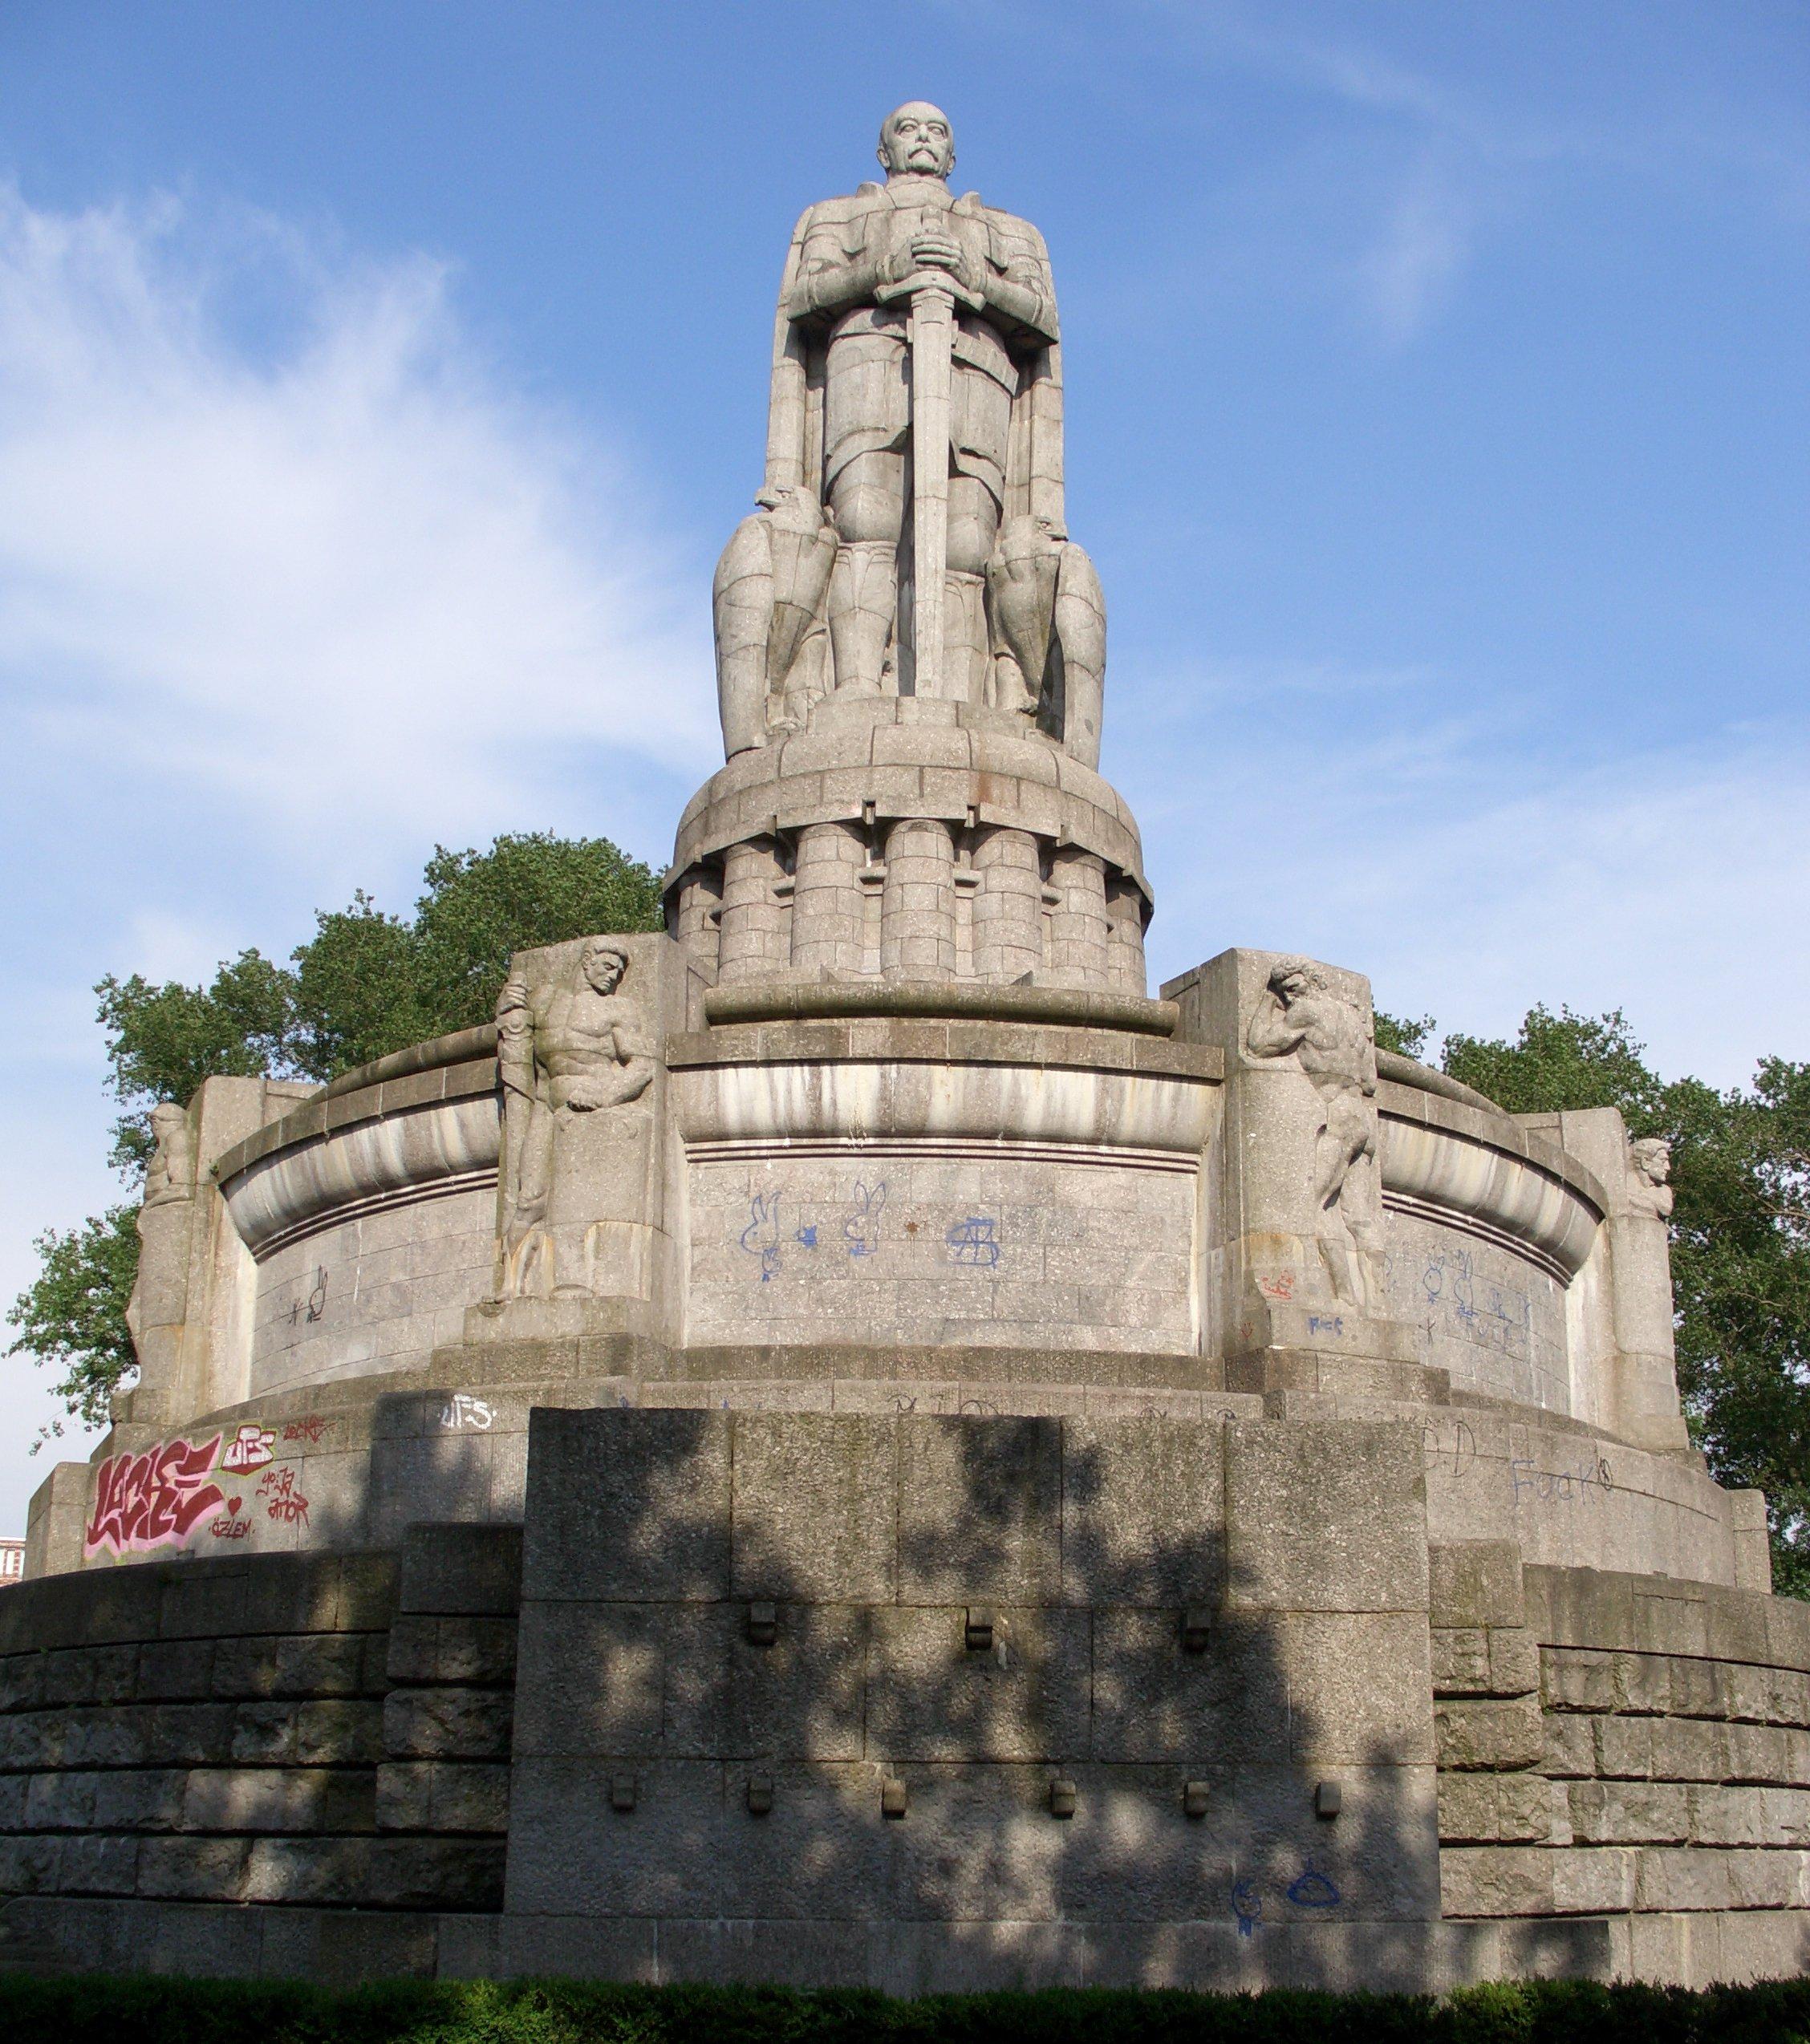 Bismarck Denkmal Berlin File:hamburg-bismarck-denkmal